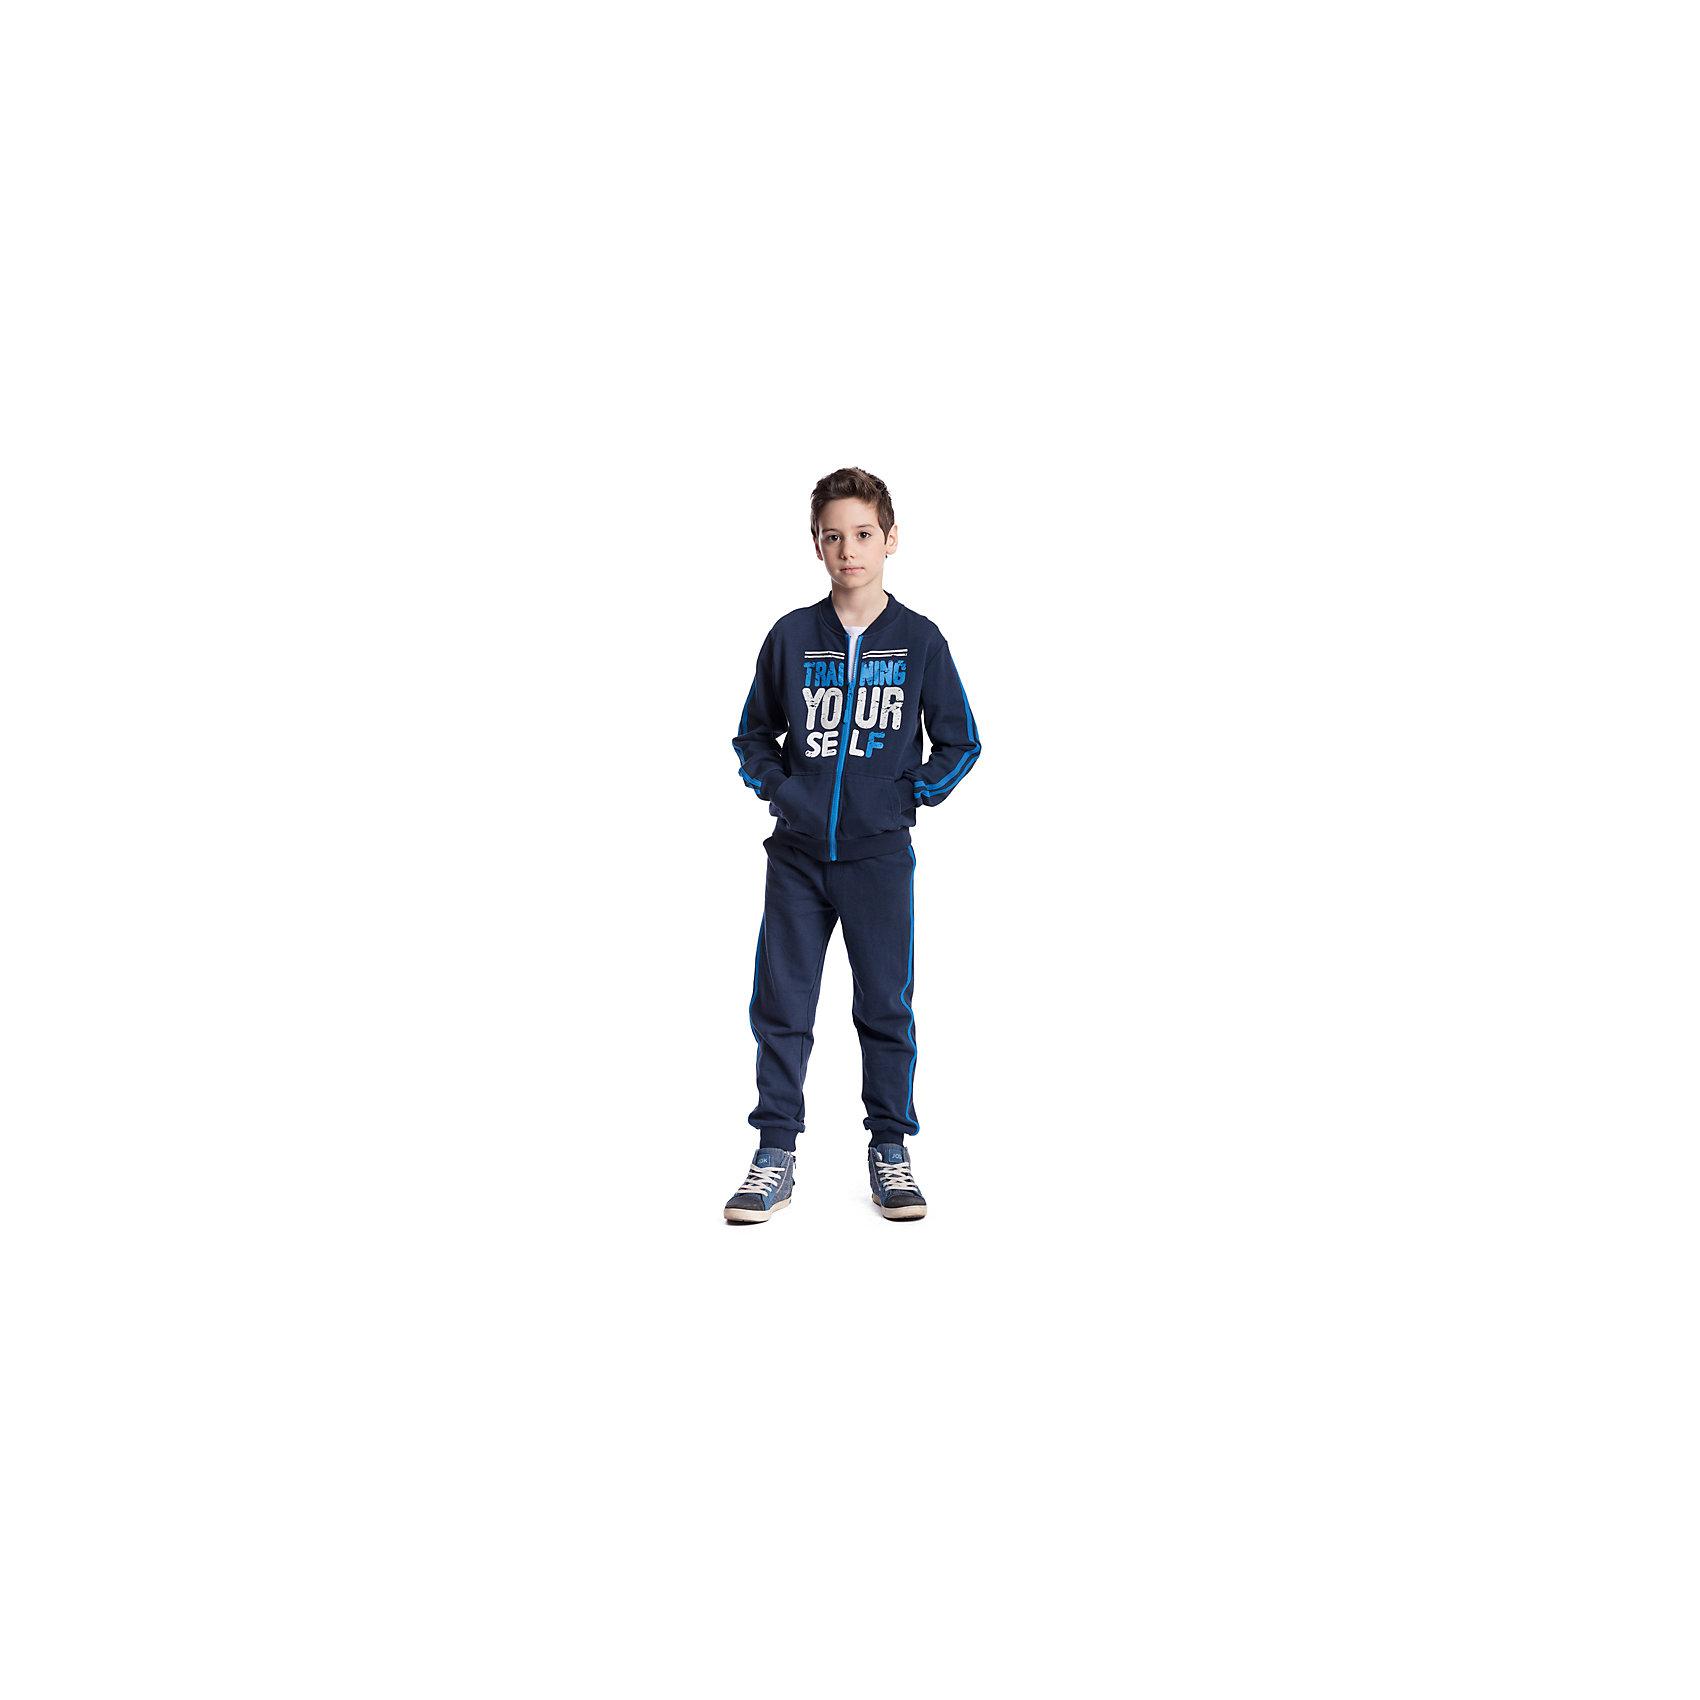 Комплект для мальчика: толстовка, брюки ScoolСпортивная форма<br>Комплект для мальчика: толстовка, брюки Scool<br>, Комплект из толстовки и брюк подойдет и для занятий спортом, для прогулок и для домашнего использования. Воротник, манжеты и низ толстовки выполнены из мягкой трикотажной ткани. Брюки декорированы лампасами на удобной широкой резинке и дополнительно снабжены регулируемым шнуром - кулиской. Низ брюк на мягких резинках.Преимущества: Свободный крой не сковывает движений ребенкаАккуратные швы не вызывают неприятных ощущенийМодель декорирована эффектным принтом<br>Состав:<br>80% хлопок, 20% полиэстер<br><br>Ширина мм: 215<br>Глубина мм: 88<br>Высота мм: 191<br>Вес г: 336<br>Цвет: синий<br>Возраст от месяцев: 156<br>Возраст до месяцев: 168<br>Пол: Мужской<br>Возраст: Детский<br>Размер: 164,122,128,134,140,146,152,158<br>SKU: 6754507